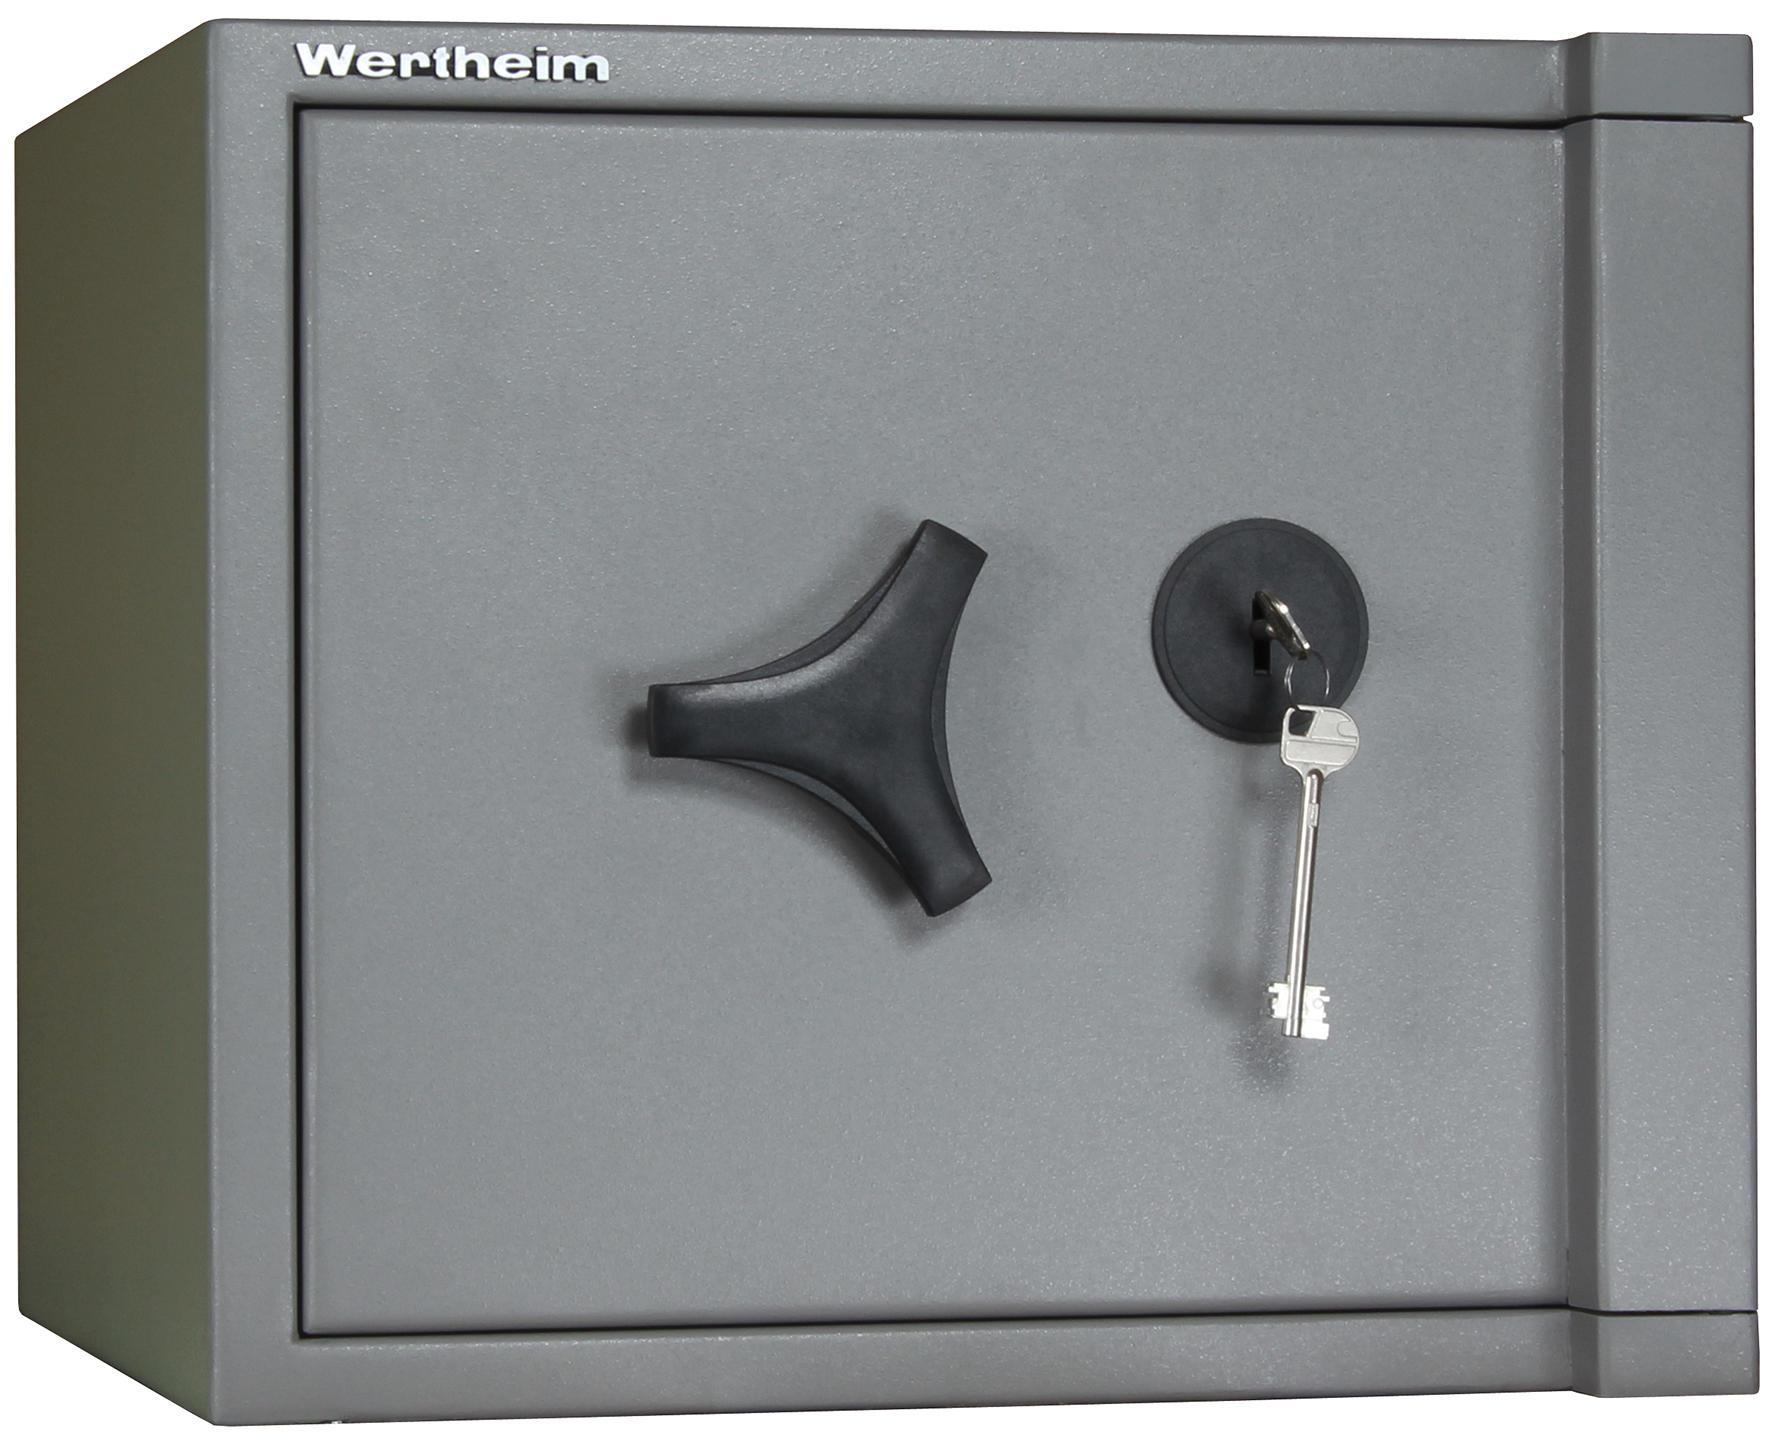 Weitmann Security Alarmanlagen-Tresore-Sicherheitstechnik